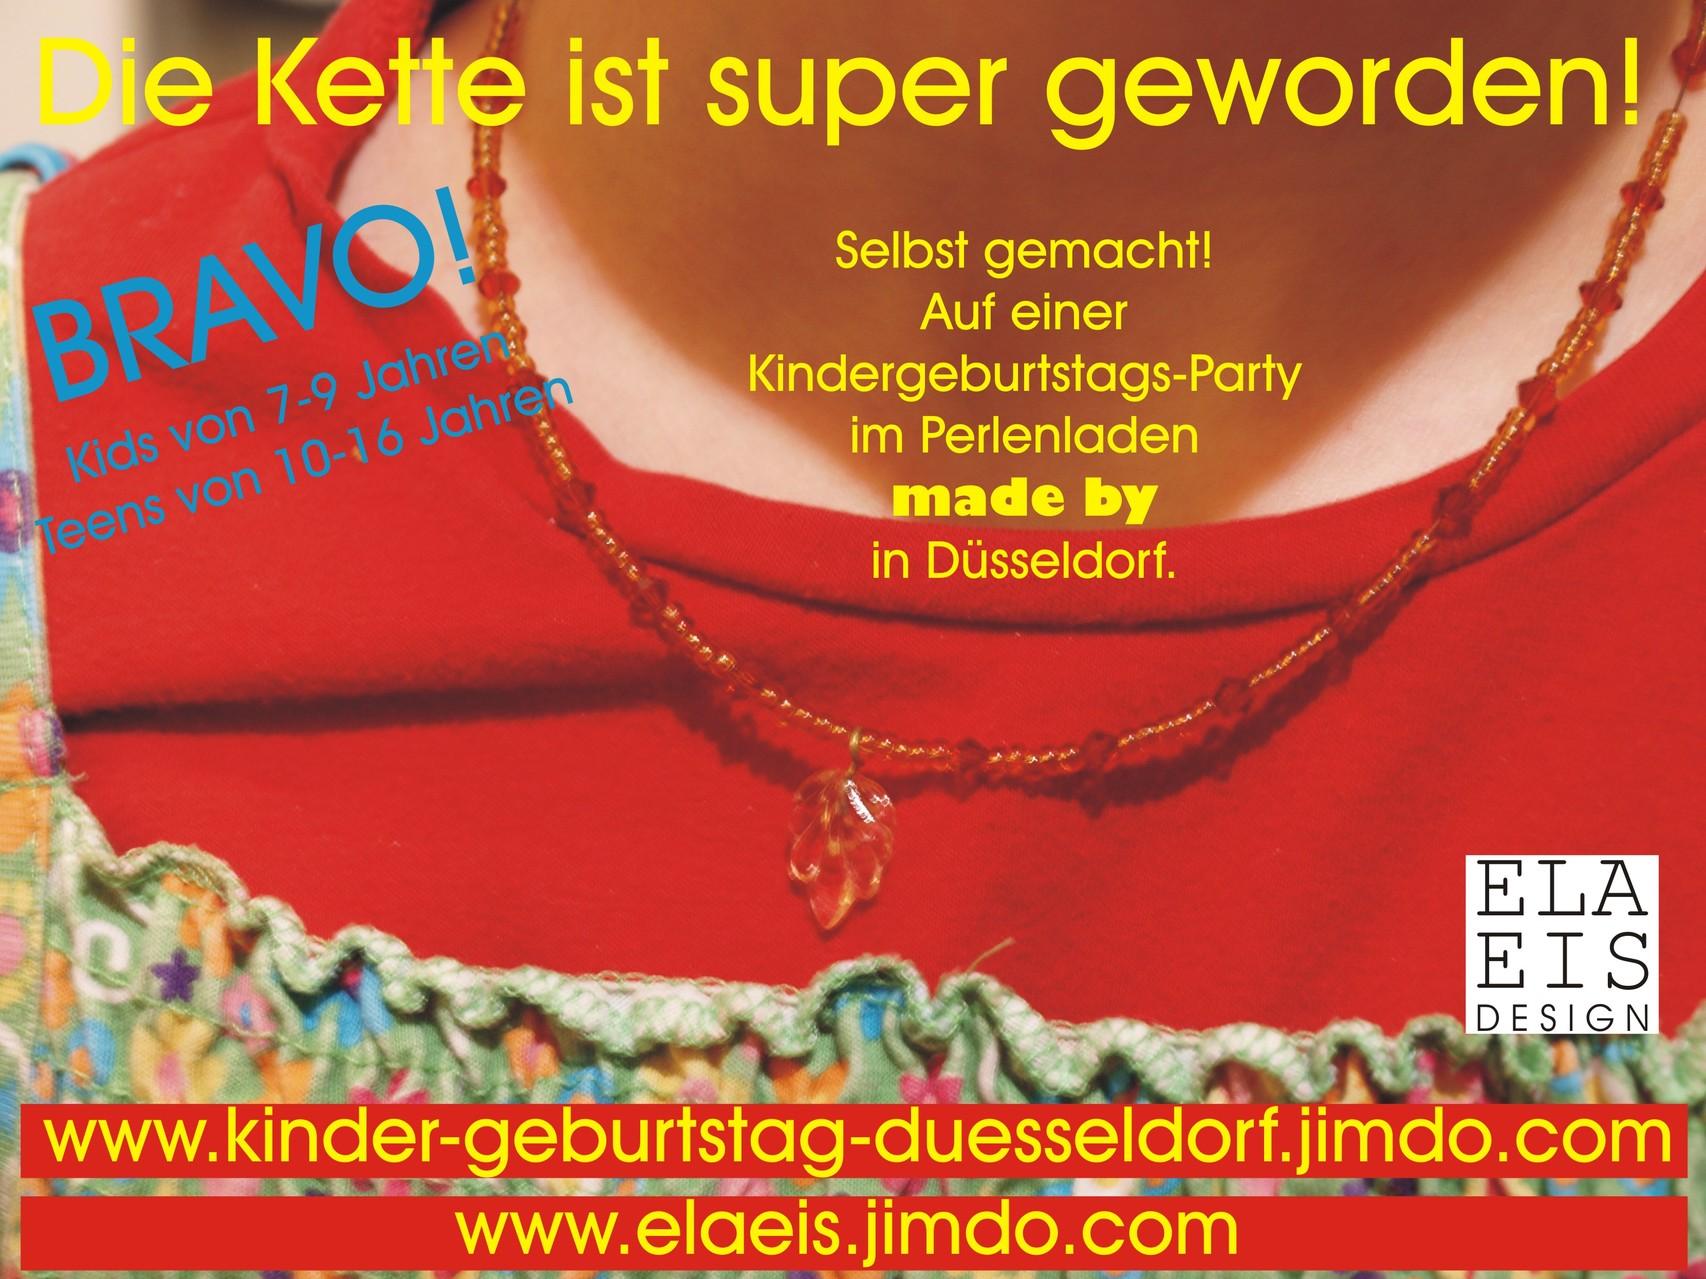 Kindergeburtstag, Teenager Party, Junggesellinnenabschied mit Fotograf und Modellshootinh bei ELA EIS Düsseldorf